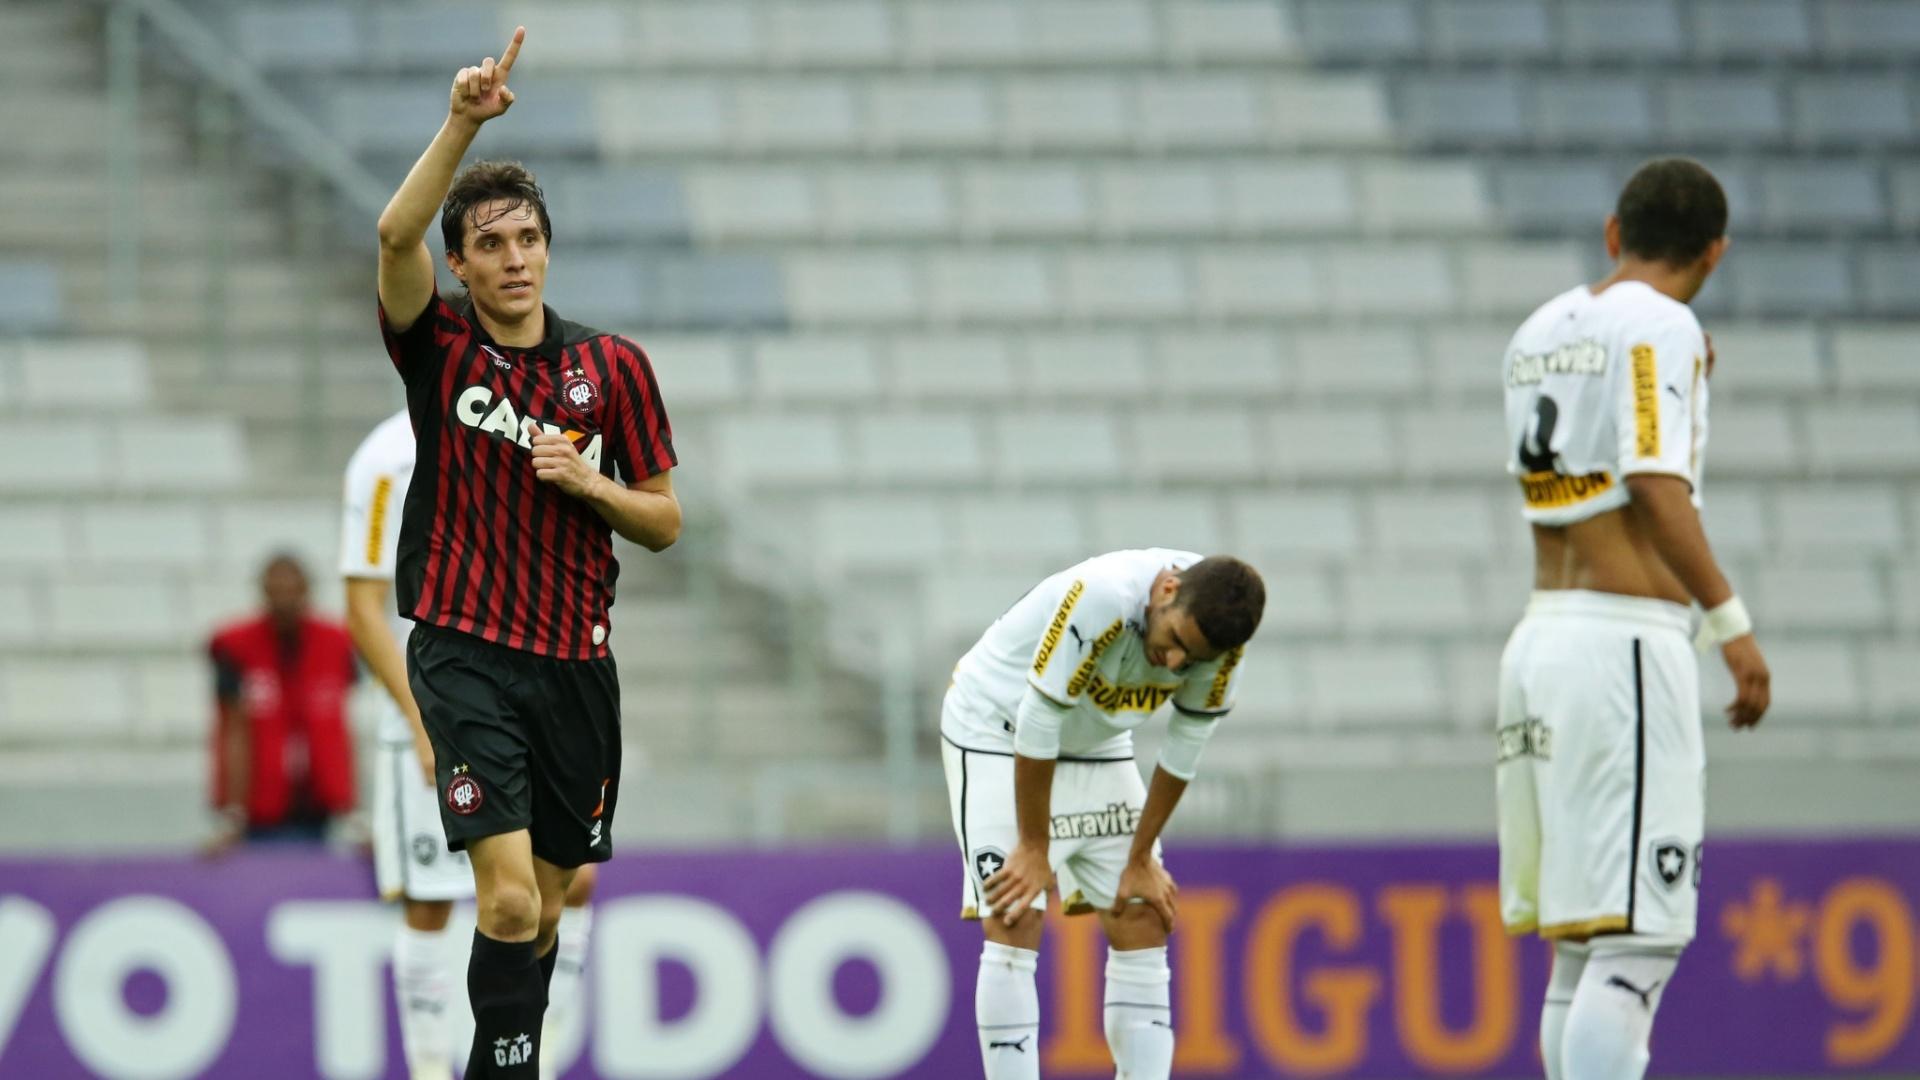 Atacante Cléo comemora gol do Atlético-PR, para decepção dos jogadores do Botafogo na Arena da Baixada